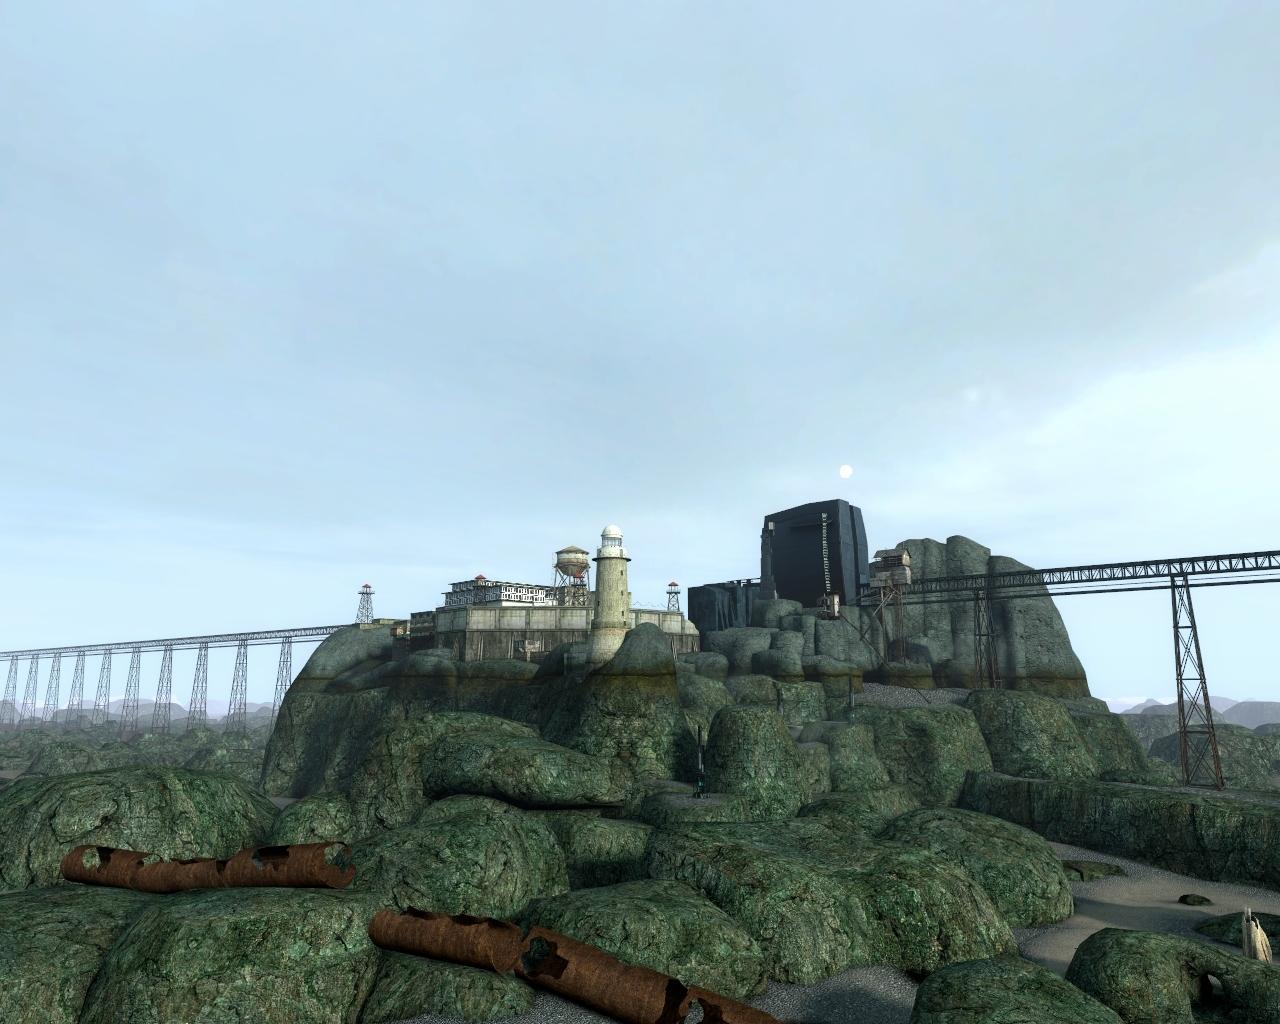 depot_010024.jpg - Half-Life 2 Depot